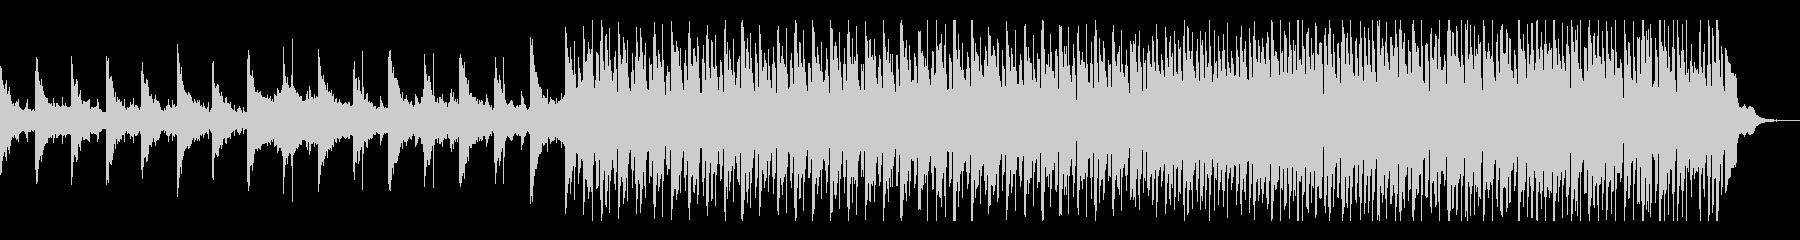 シンプルだけど流れが心地良い曲の未再生の波形